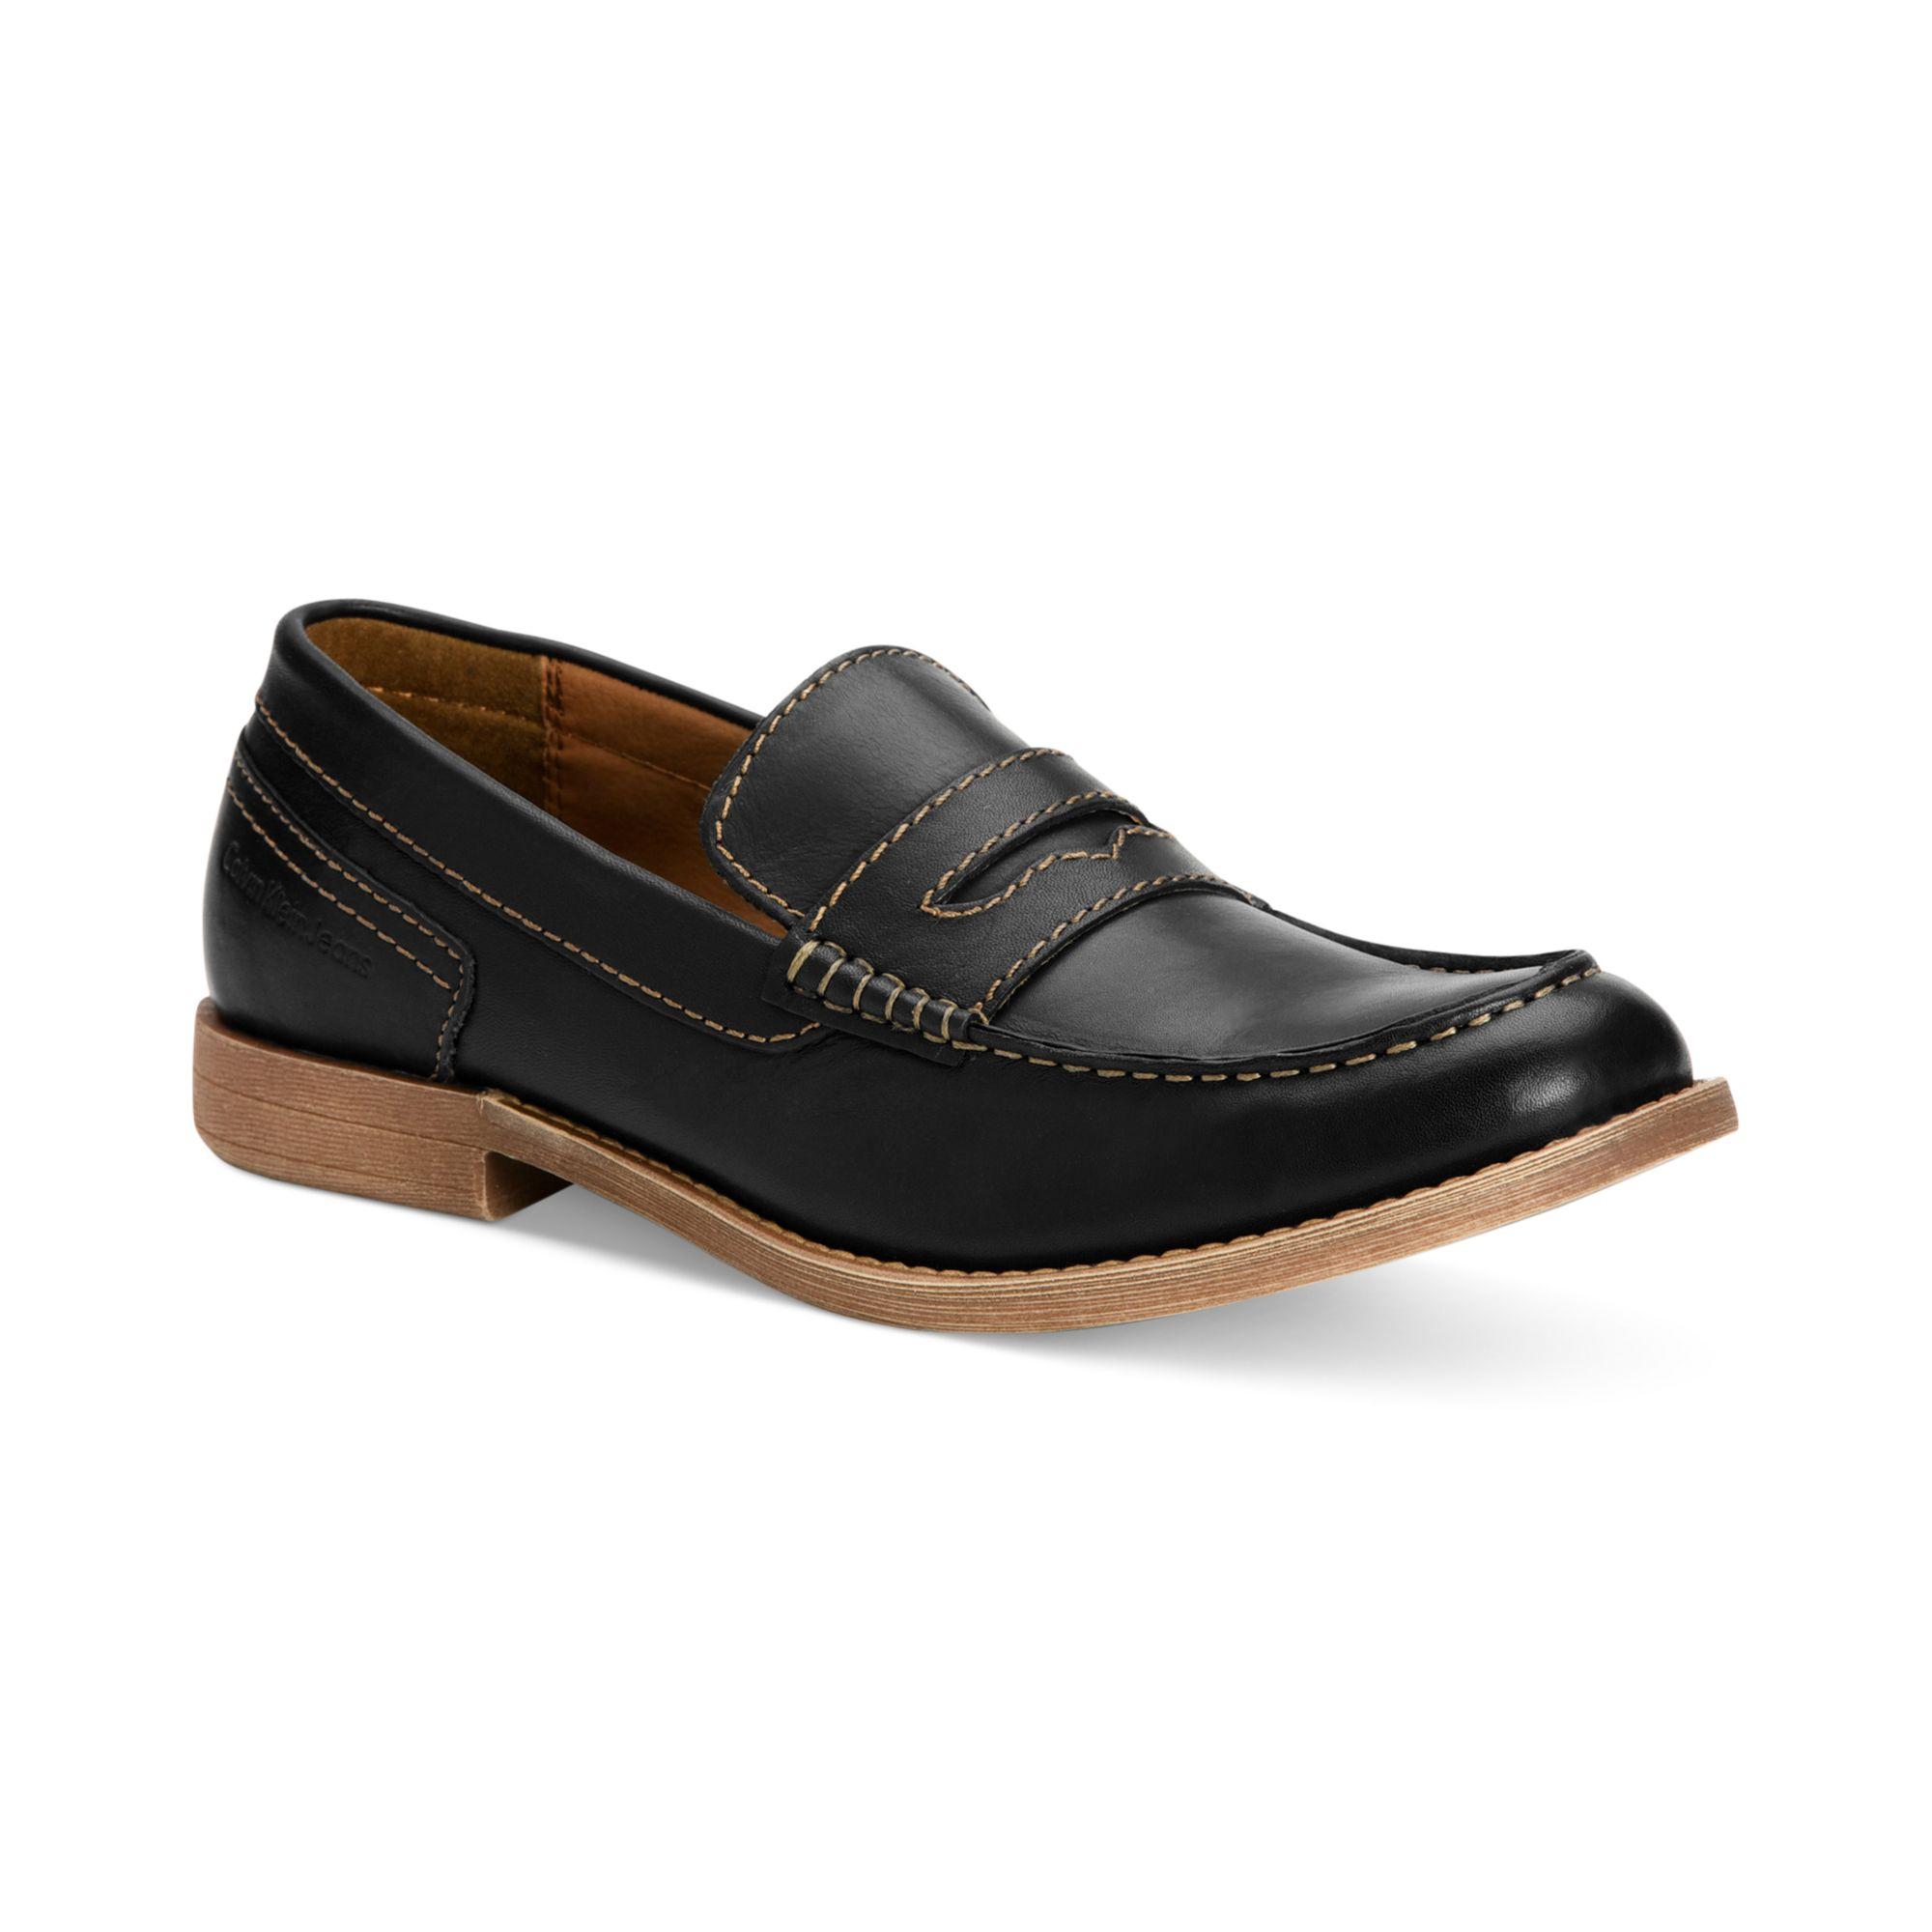 calvin klein prezley slip on shoes in black